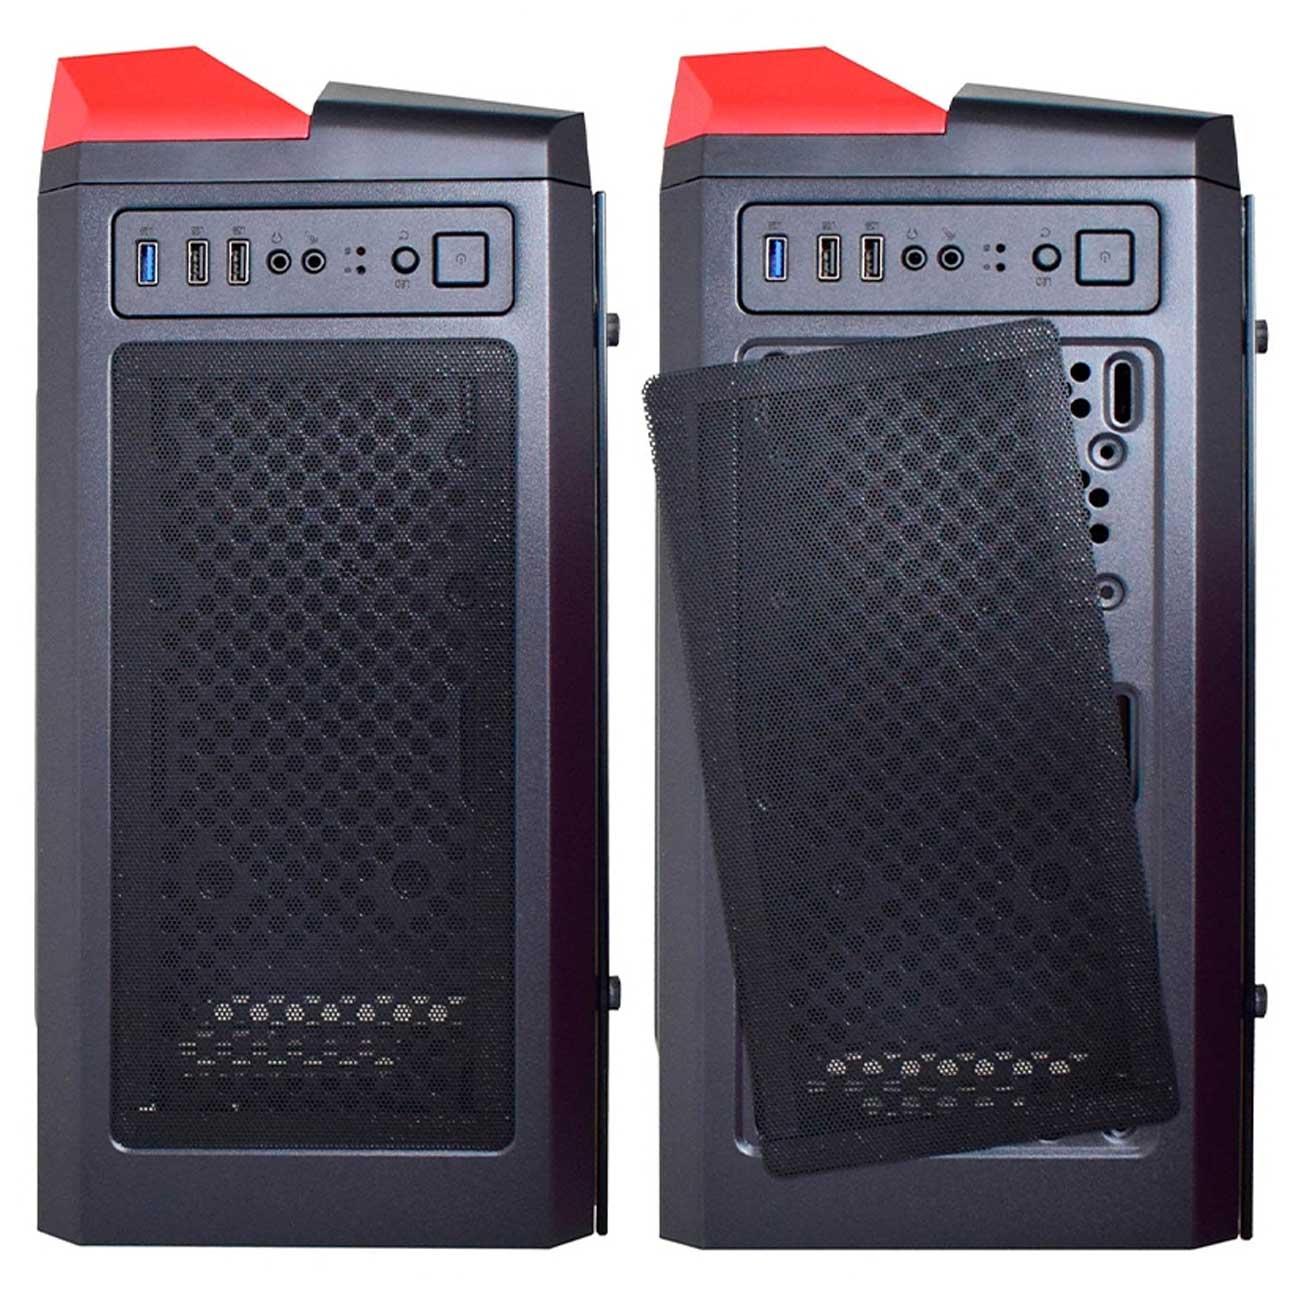 Gabinete Gamer K-Mex Hawk 3 LED RGB Painel Lateral de Vidro Temperado Sem Fonte Mid Tower - CG-03Qi